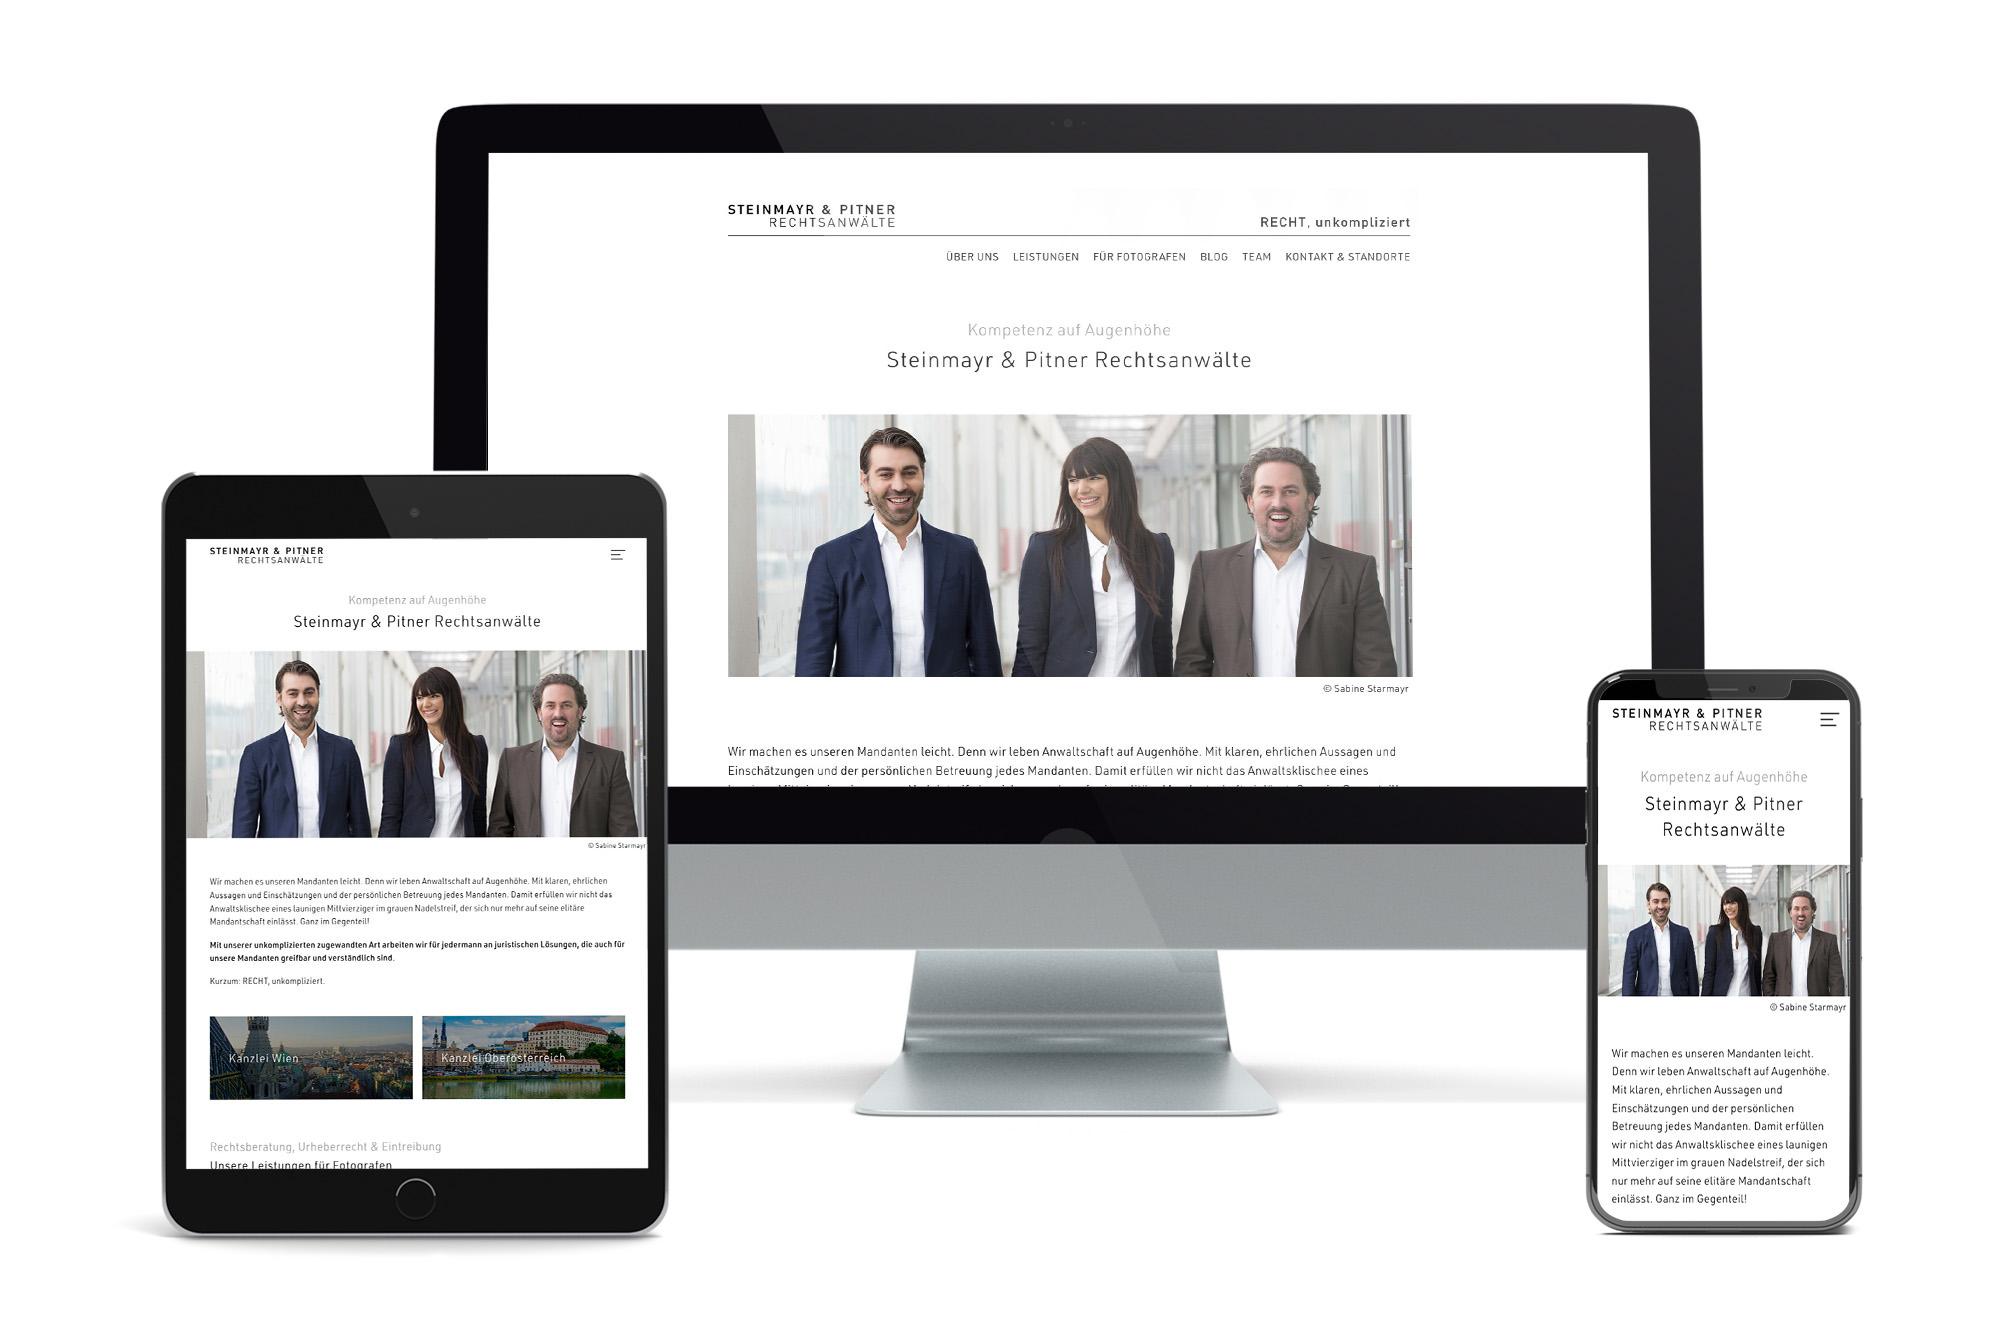 Webdesign Beispiel: Neue Website für Rechtsanwalt/Anwaltskanzlei Wien, Oberösterreich